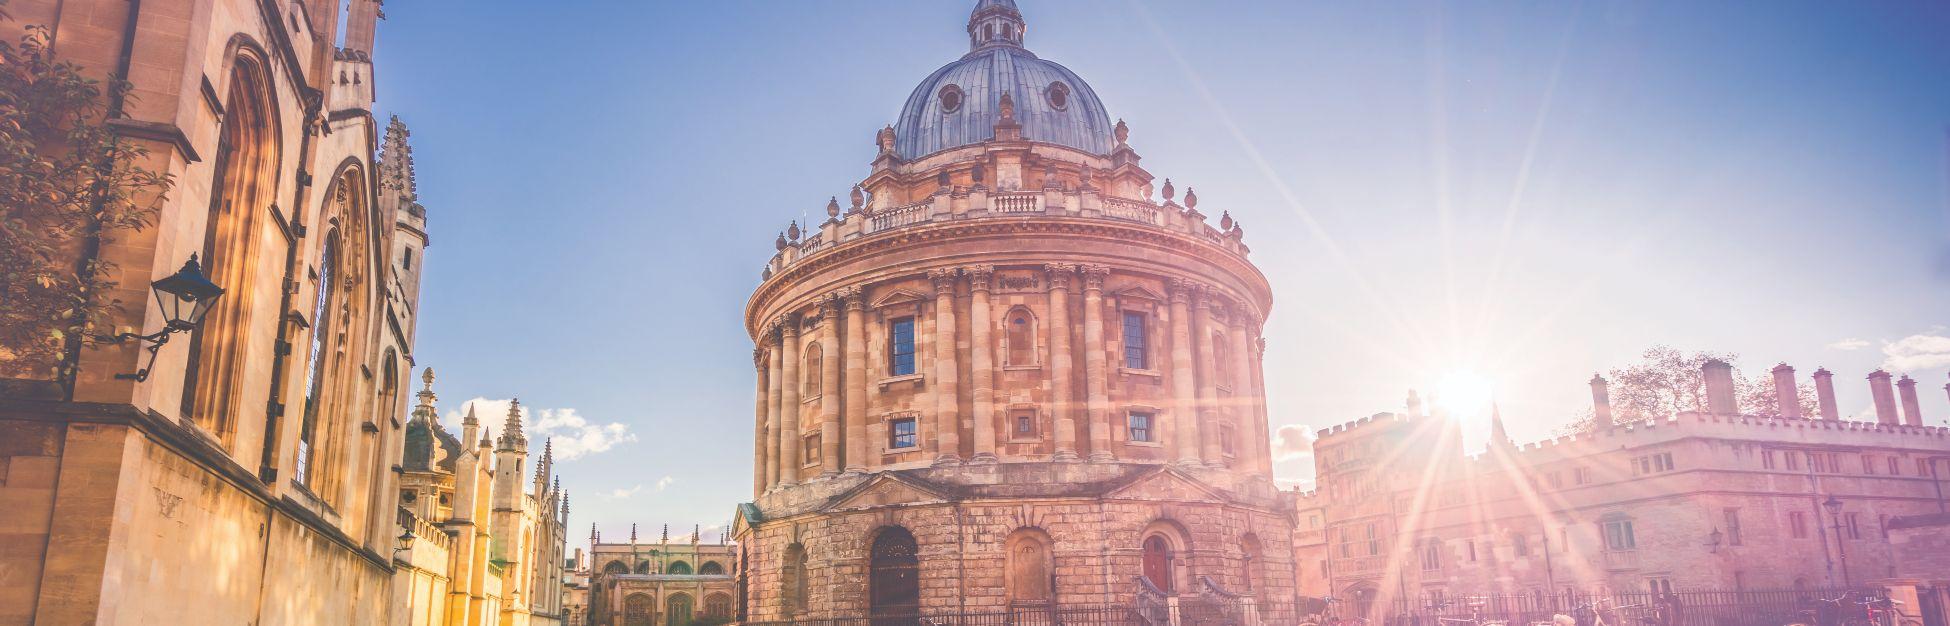 Oxford/Strapline